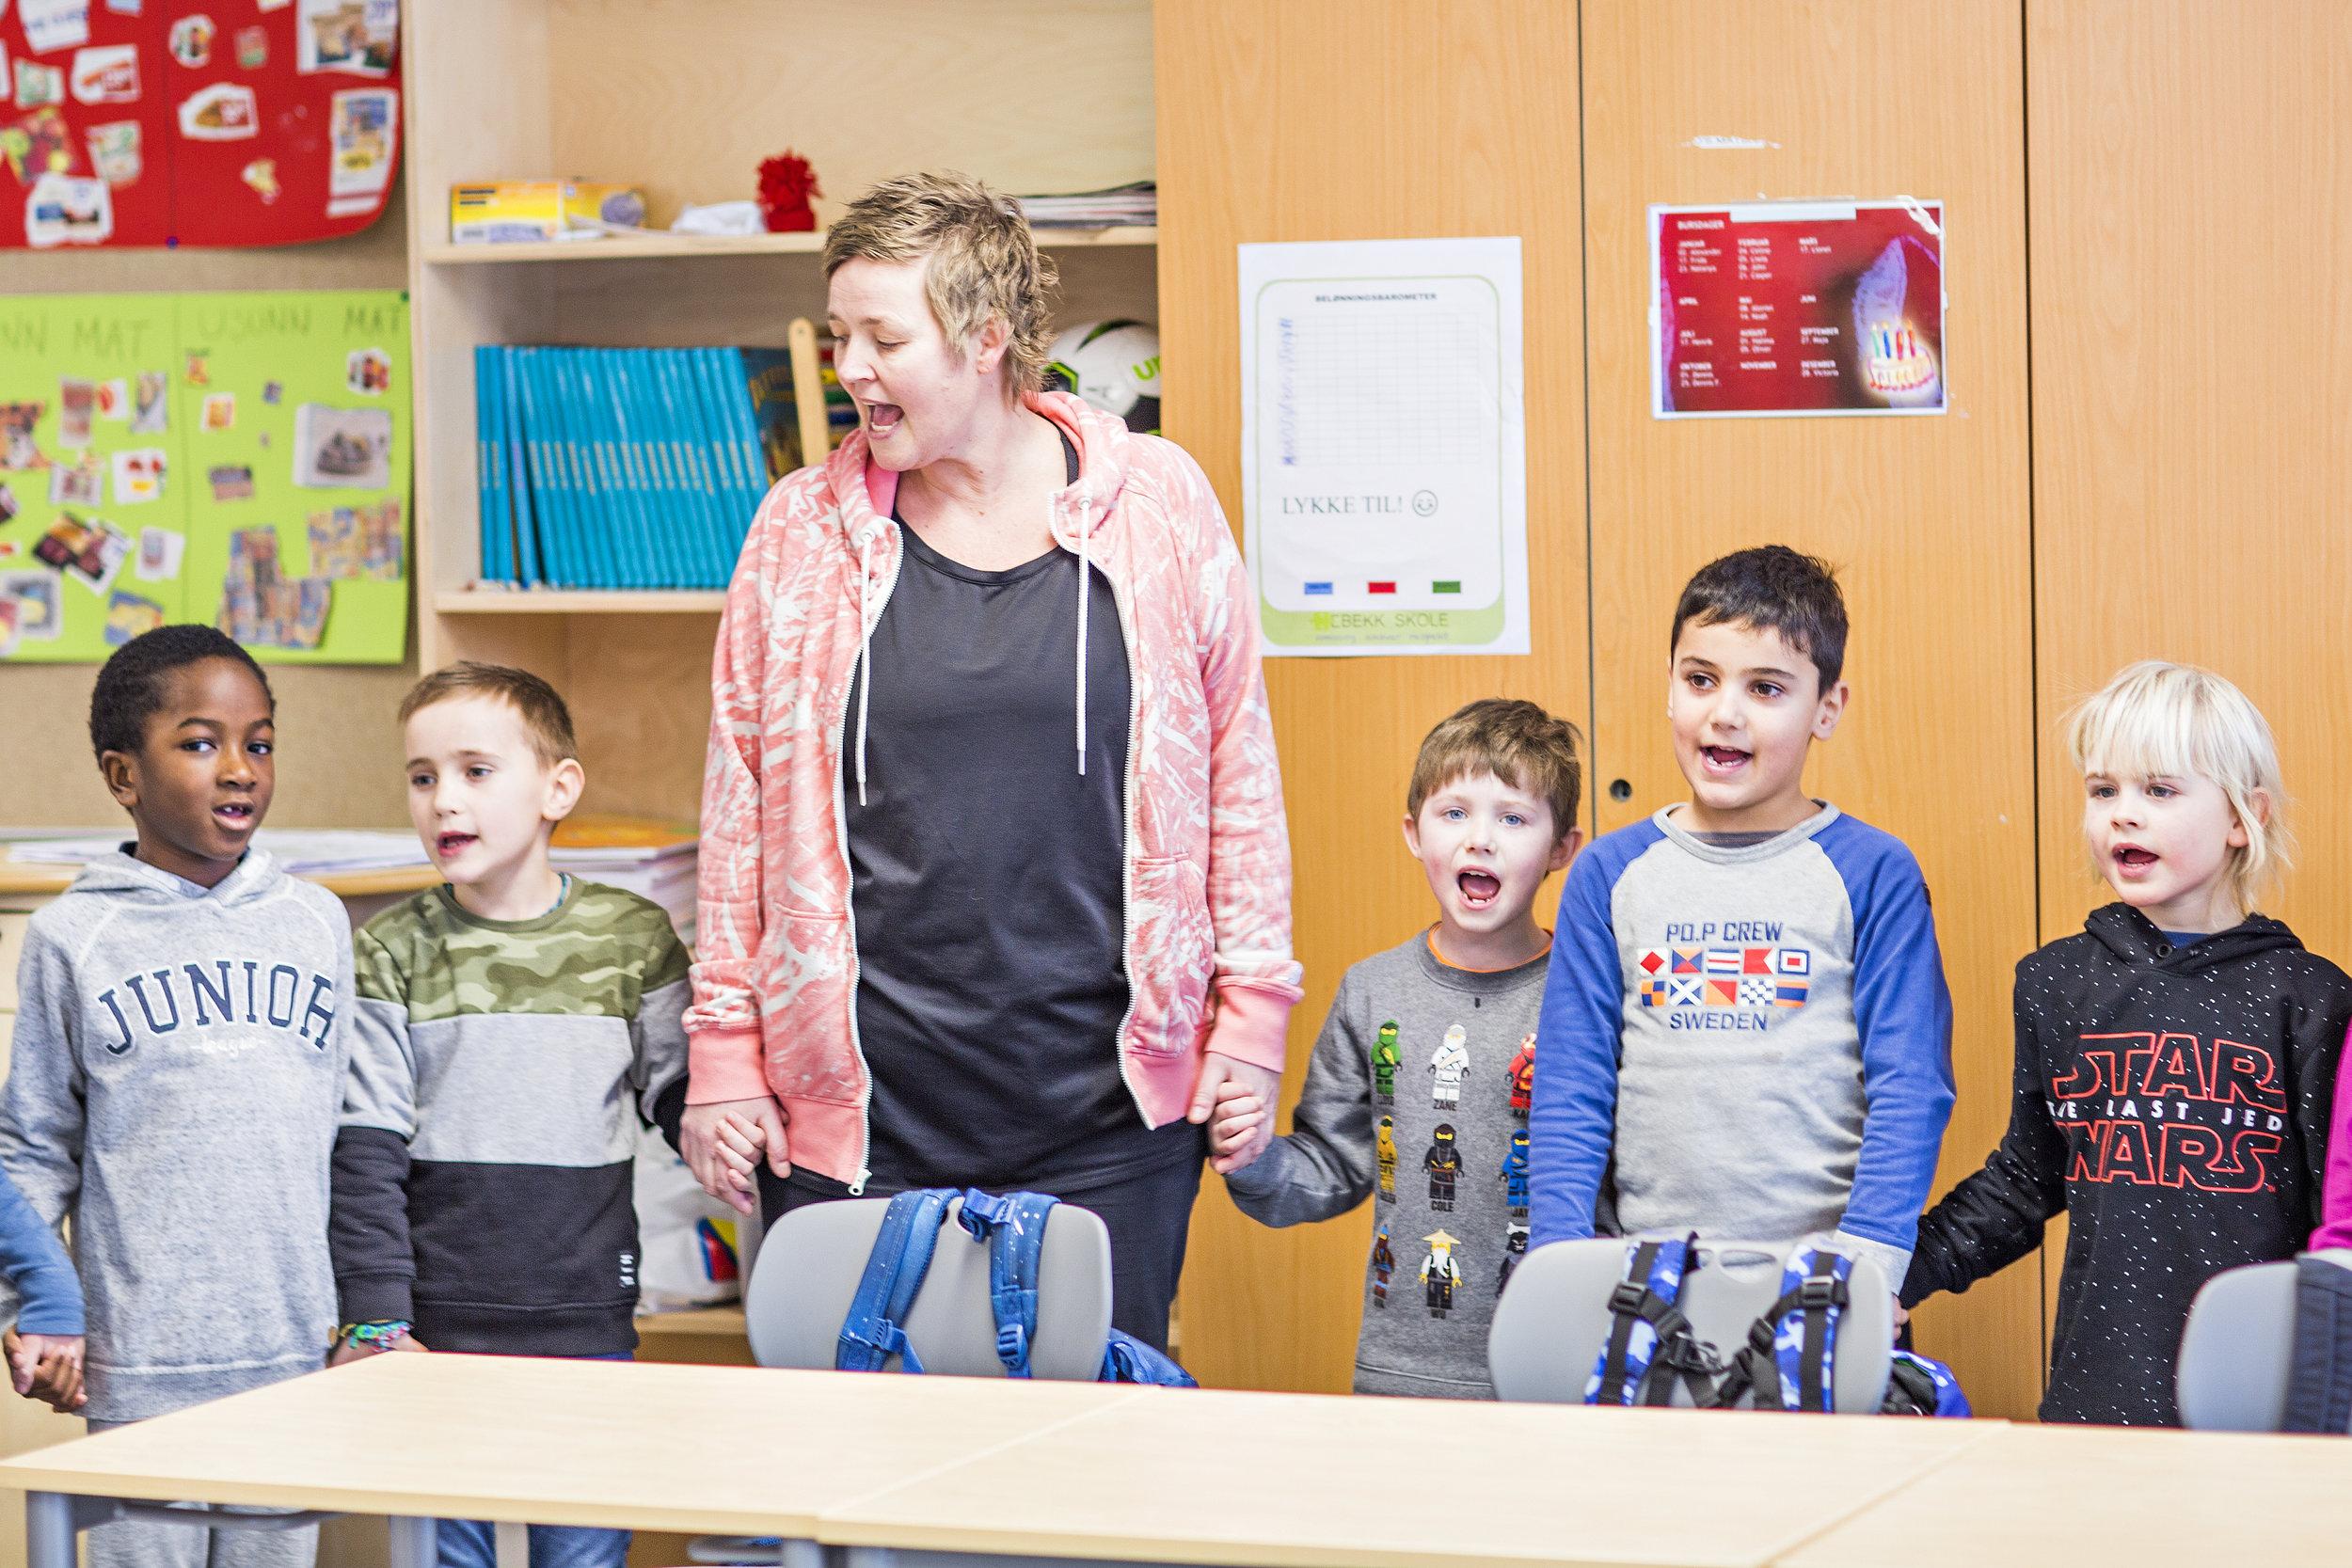 Et lite avbrekk med sang på Hebekk skole - Foto: Iris Skadal/ Krafttak for sang